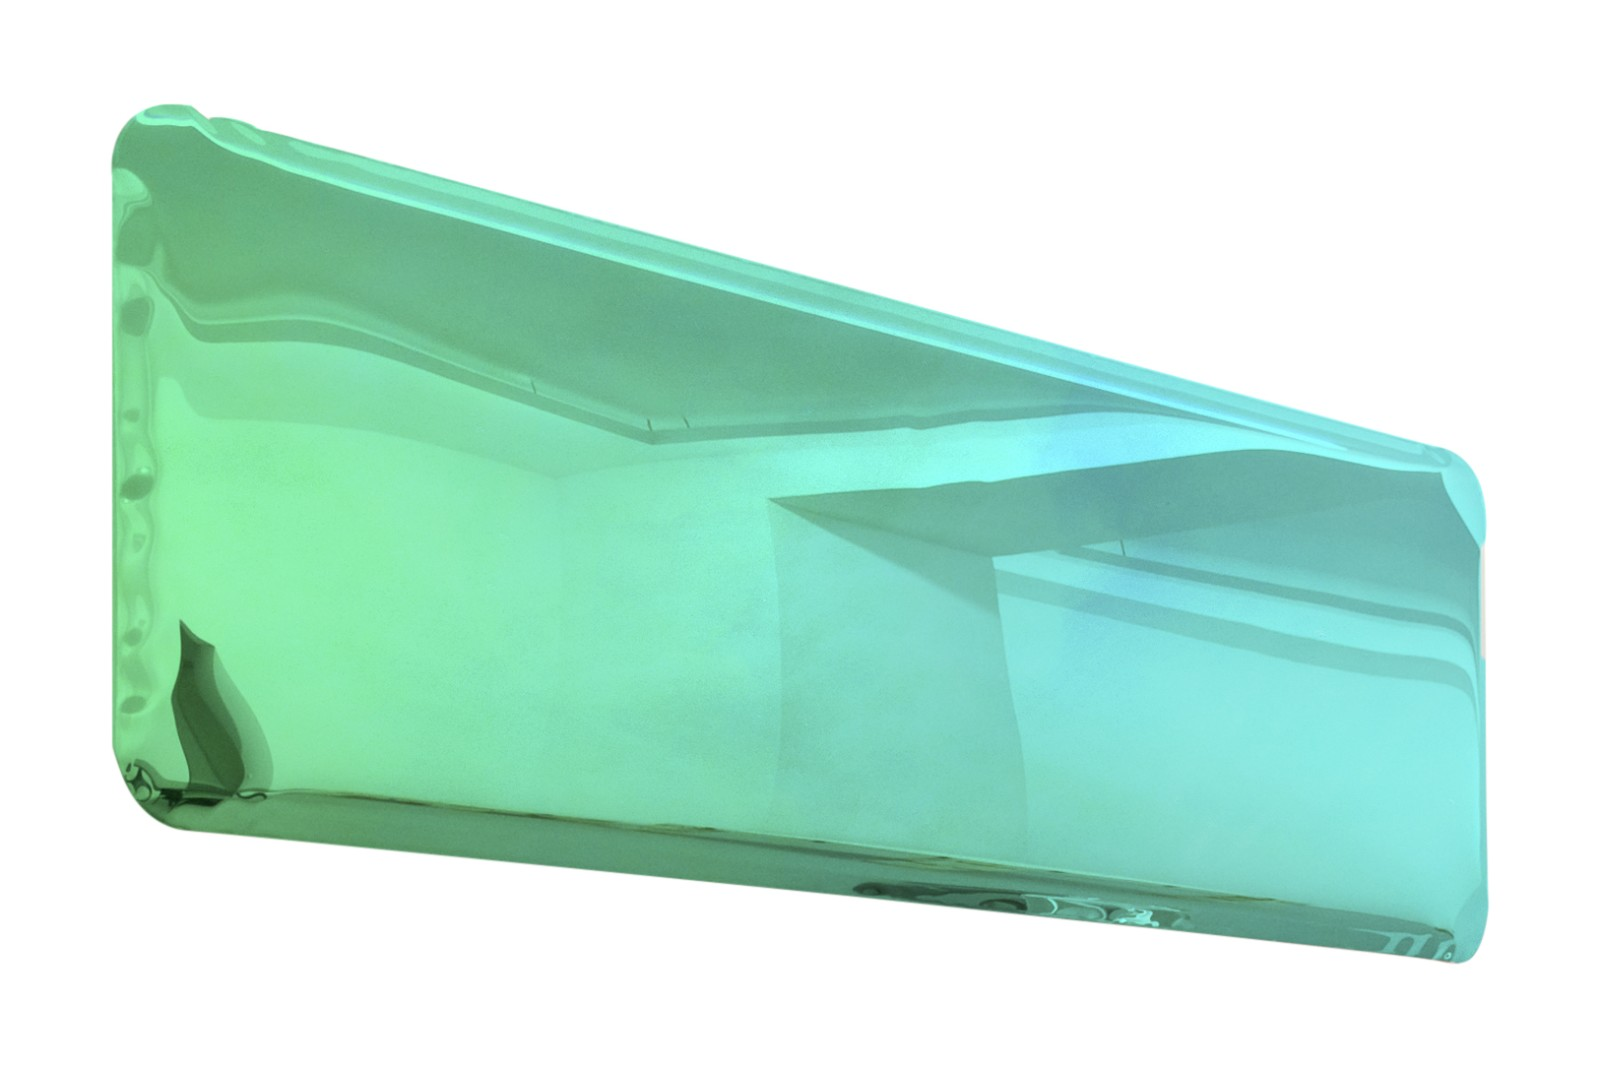 Tafla Gradient Mirror - Q1